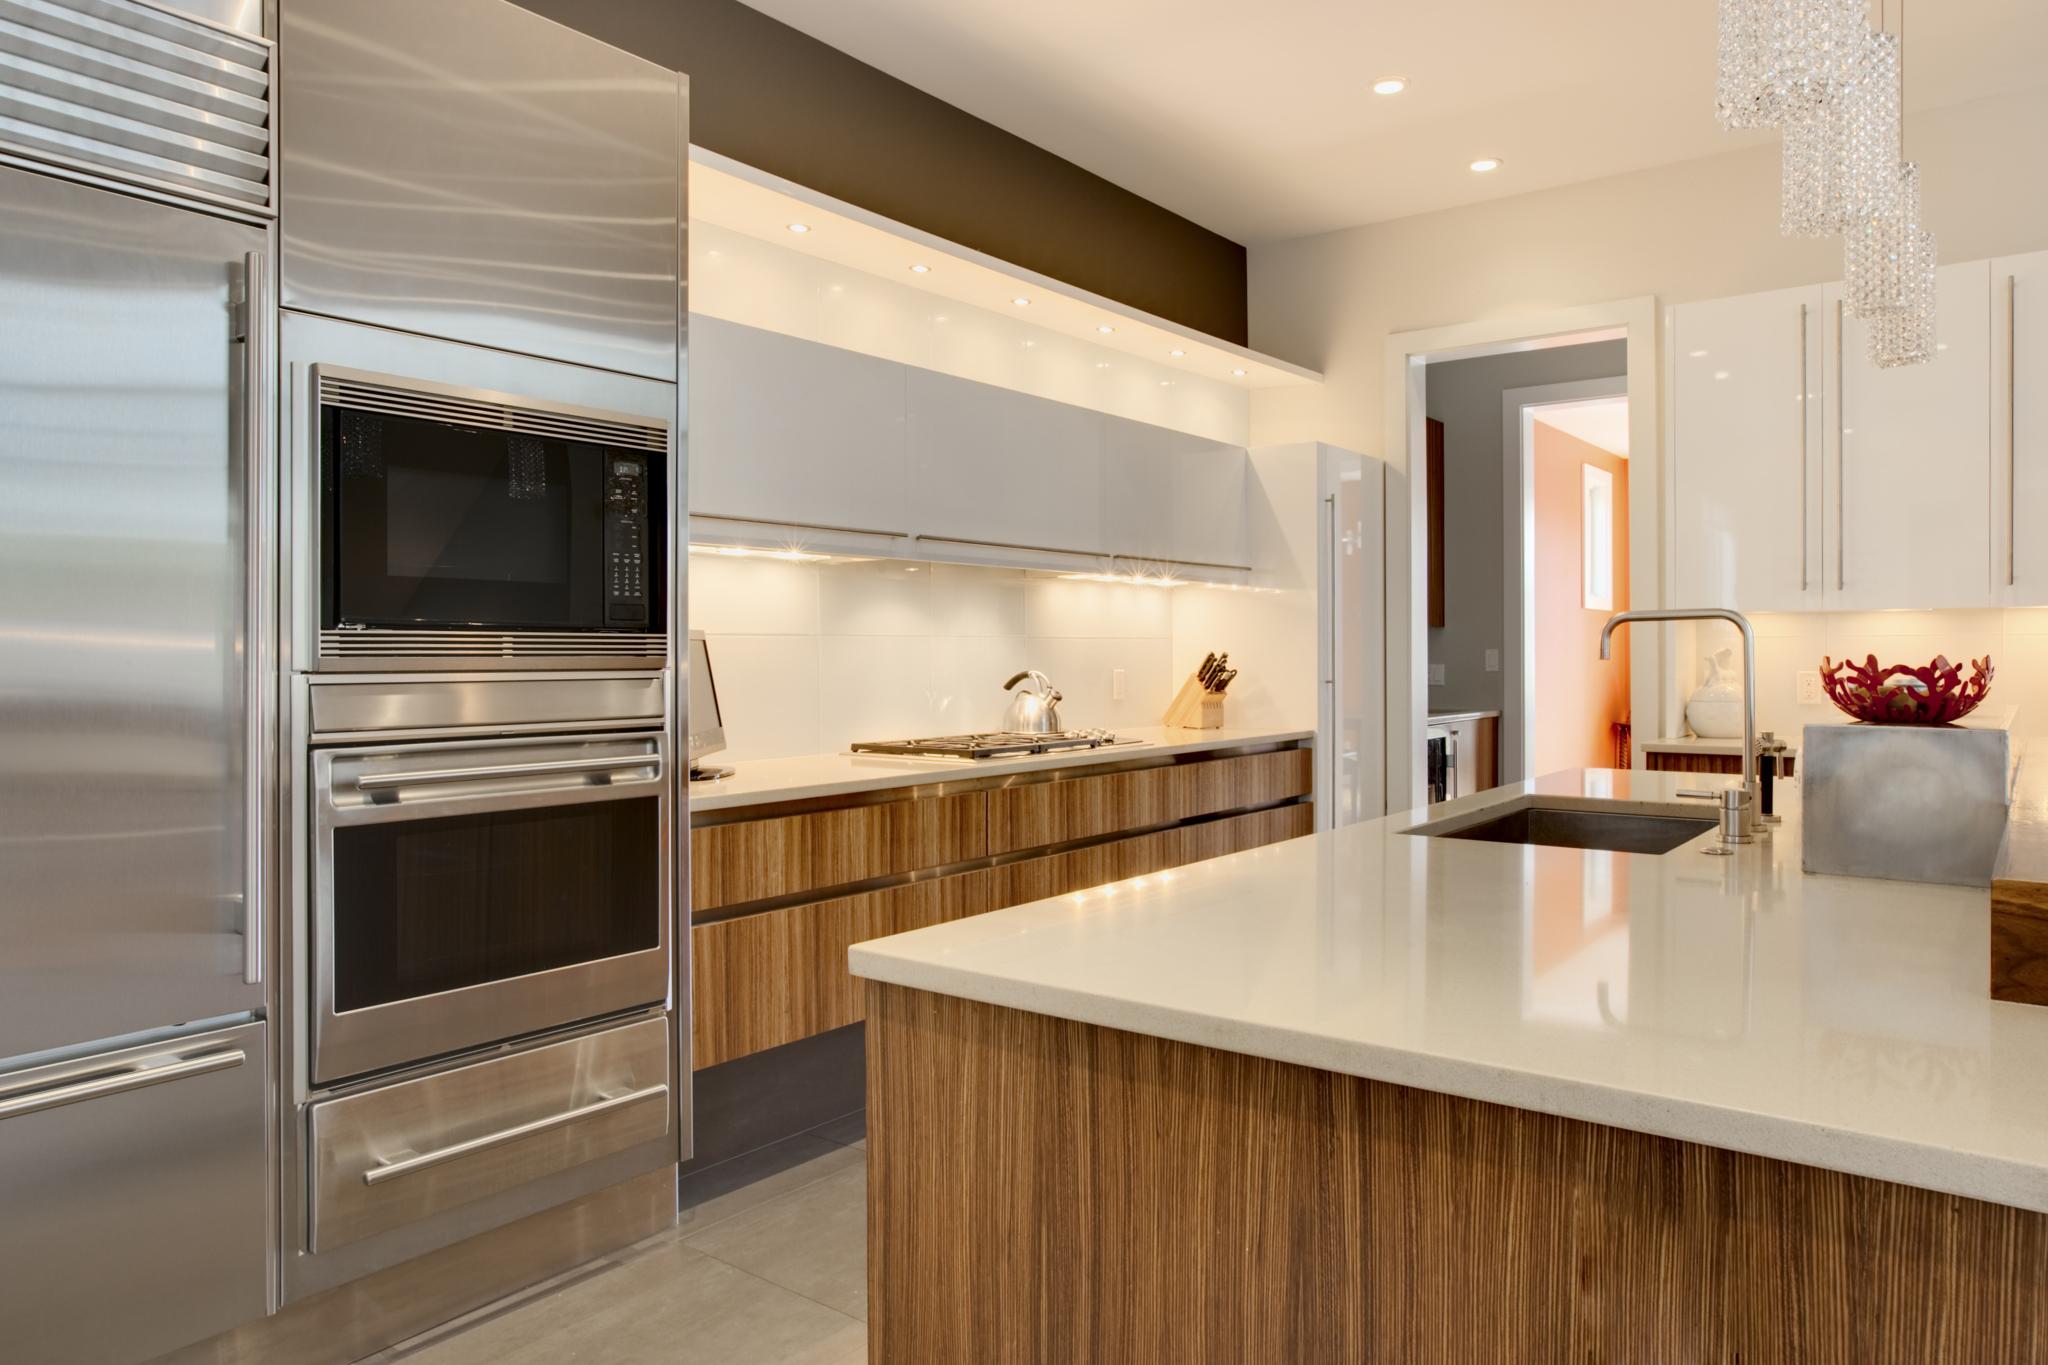 Centre de cuisine design montr al qc ourbis for Cuisine design montreal